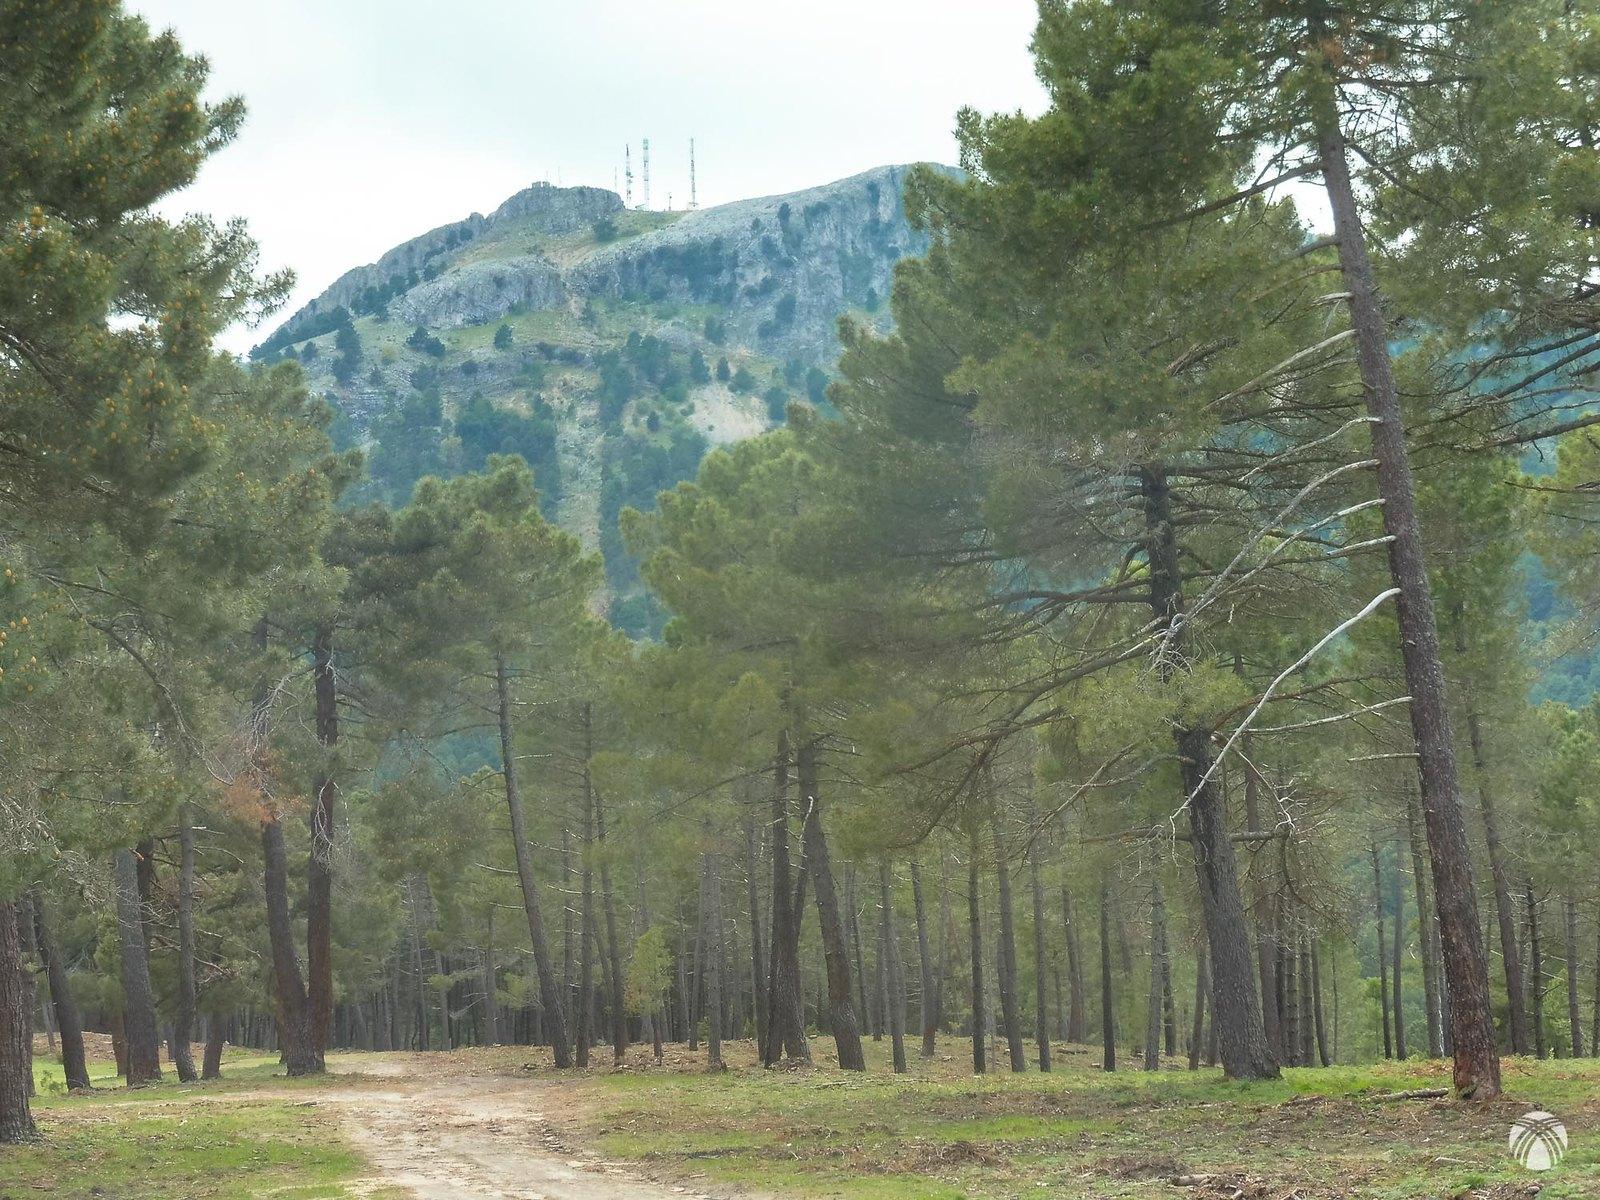 En el descenso se aprecia una vira practicable para alcanzar la cumbre del Padroncillo